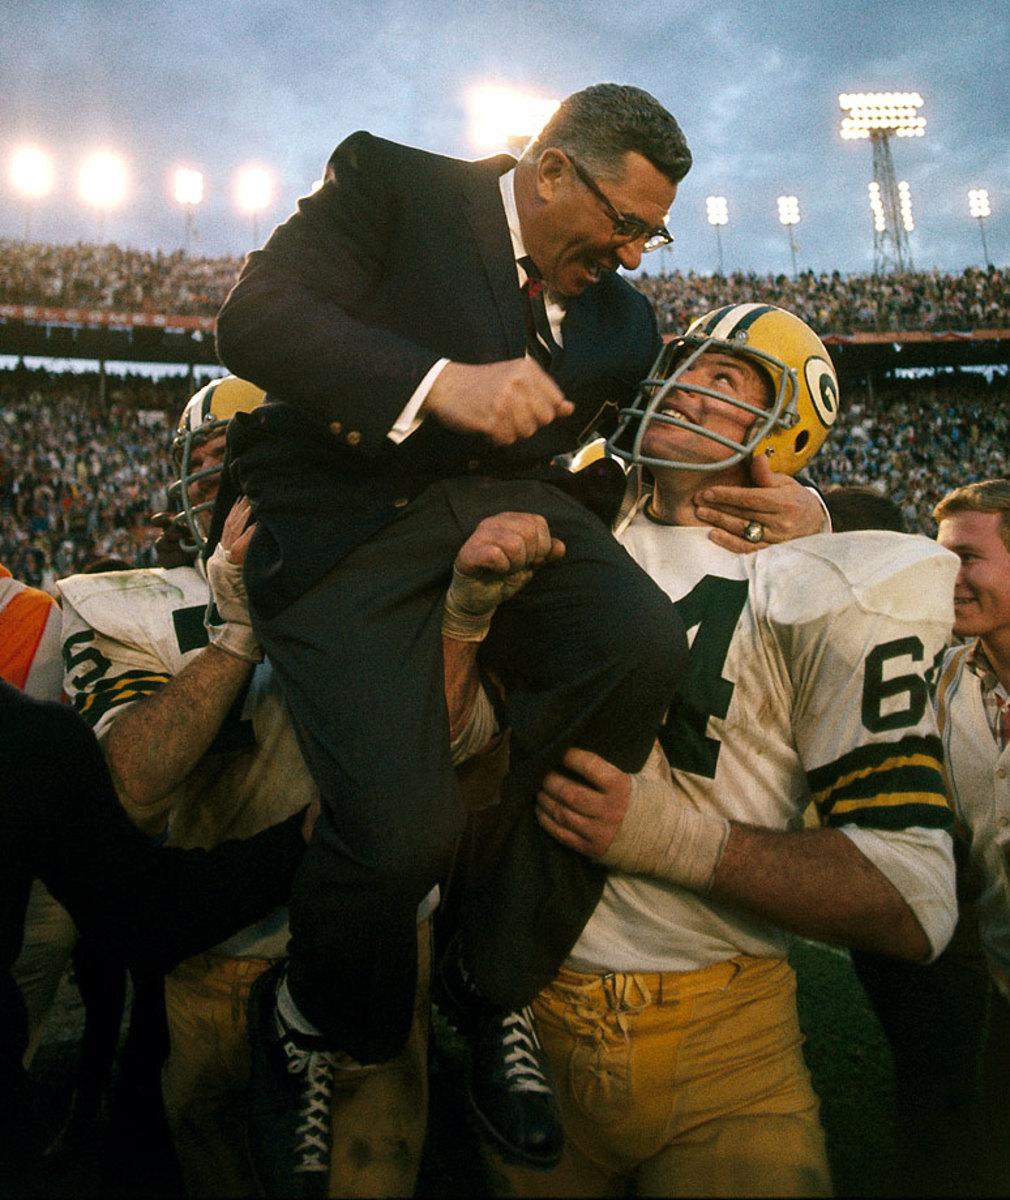 1968-0114-Super-Bowl-II-Vince-Lombardi-Jerry-Kramer-Forrest-Gregg-001158044.jpg